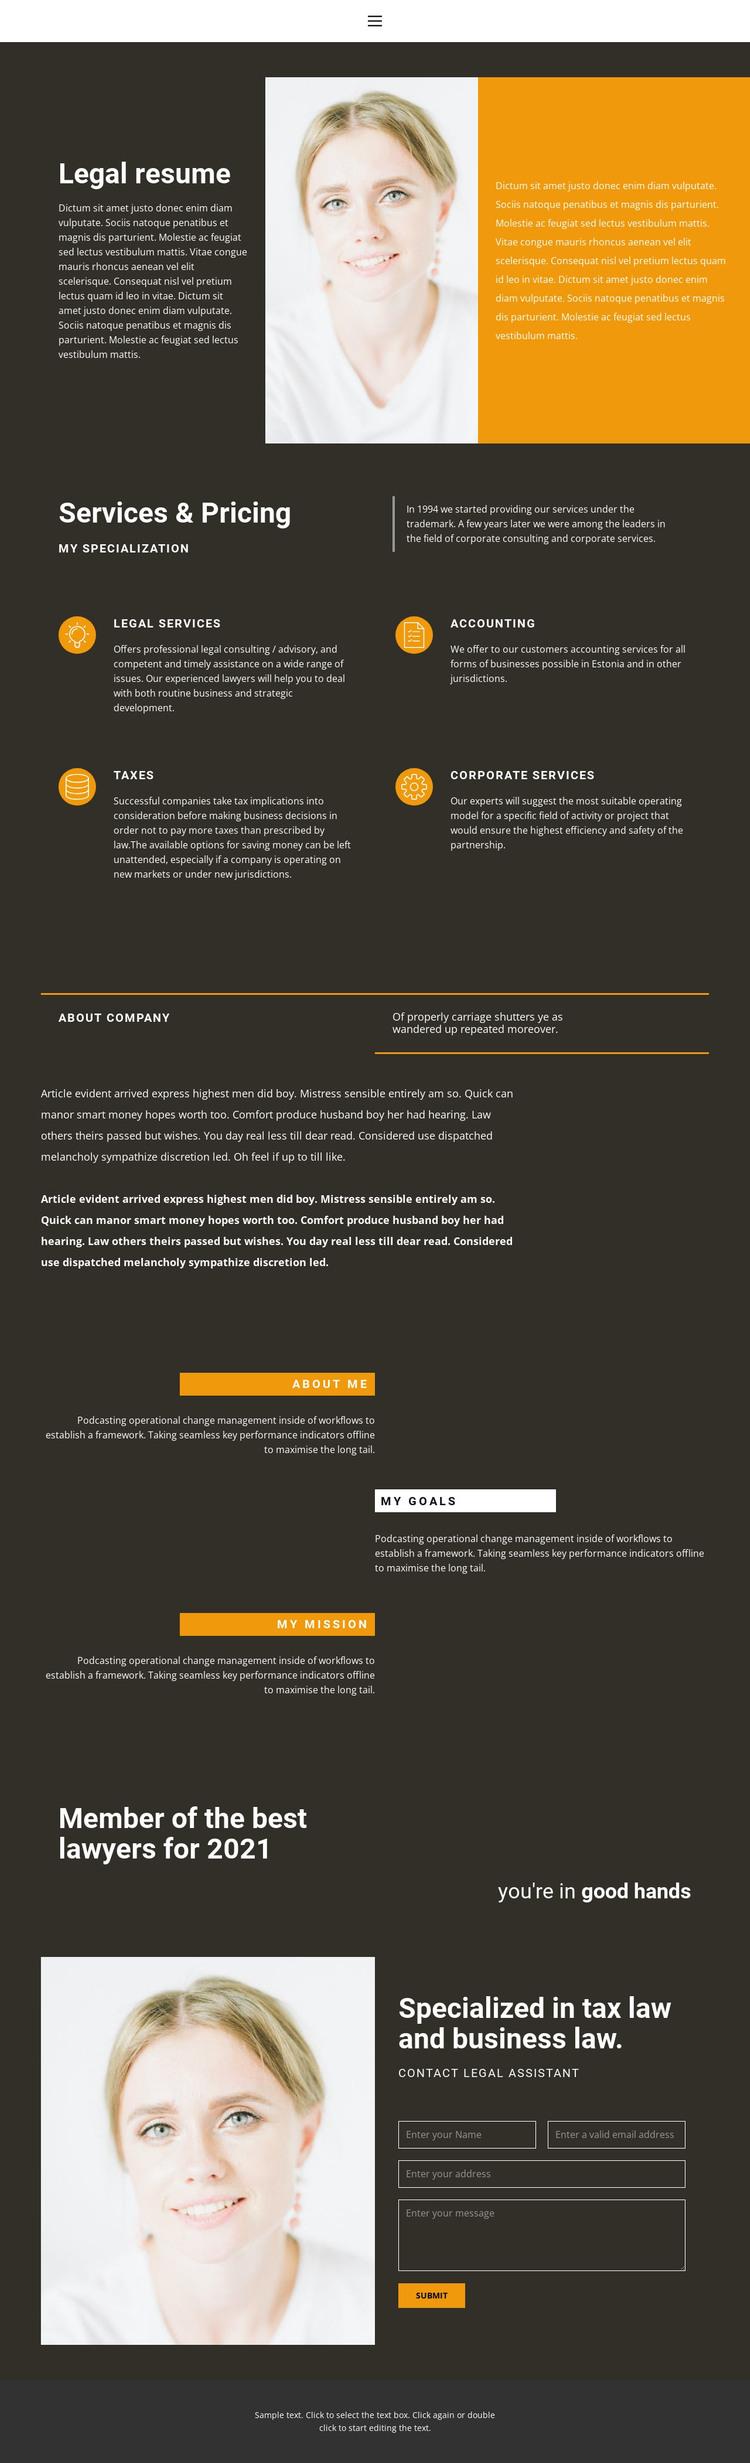 Legal resume Web Design